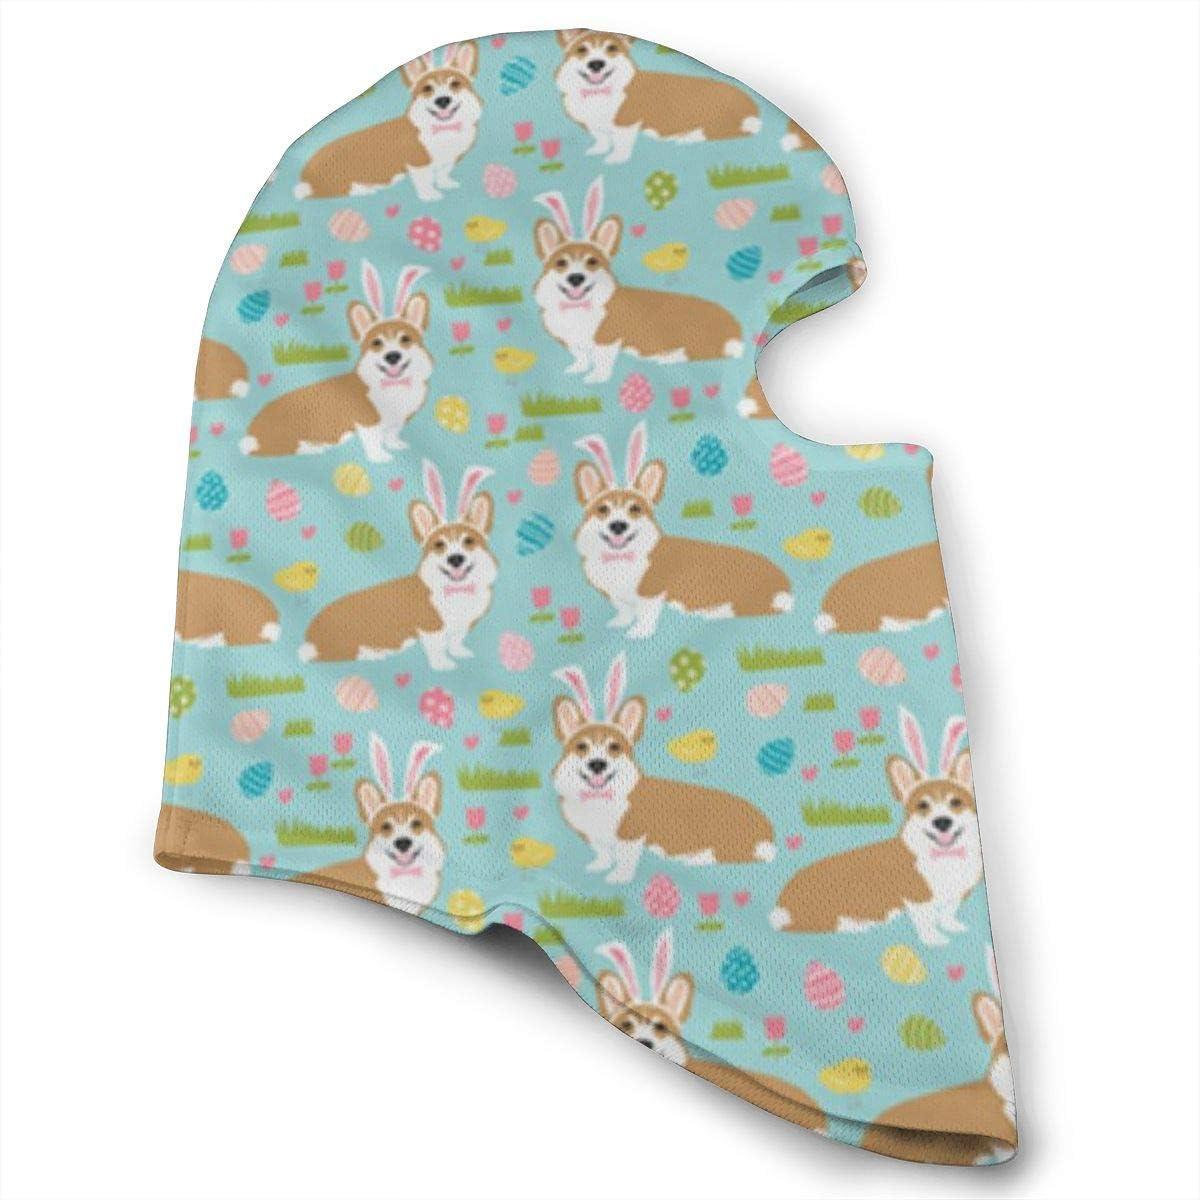 CAClifestyle Corgi Easter Fabric Bunny Egg Unisex Windproof Balaclavas Full Face Mask Hood